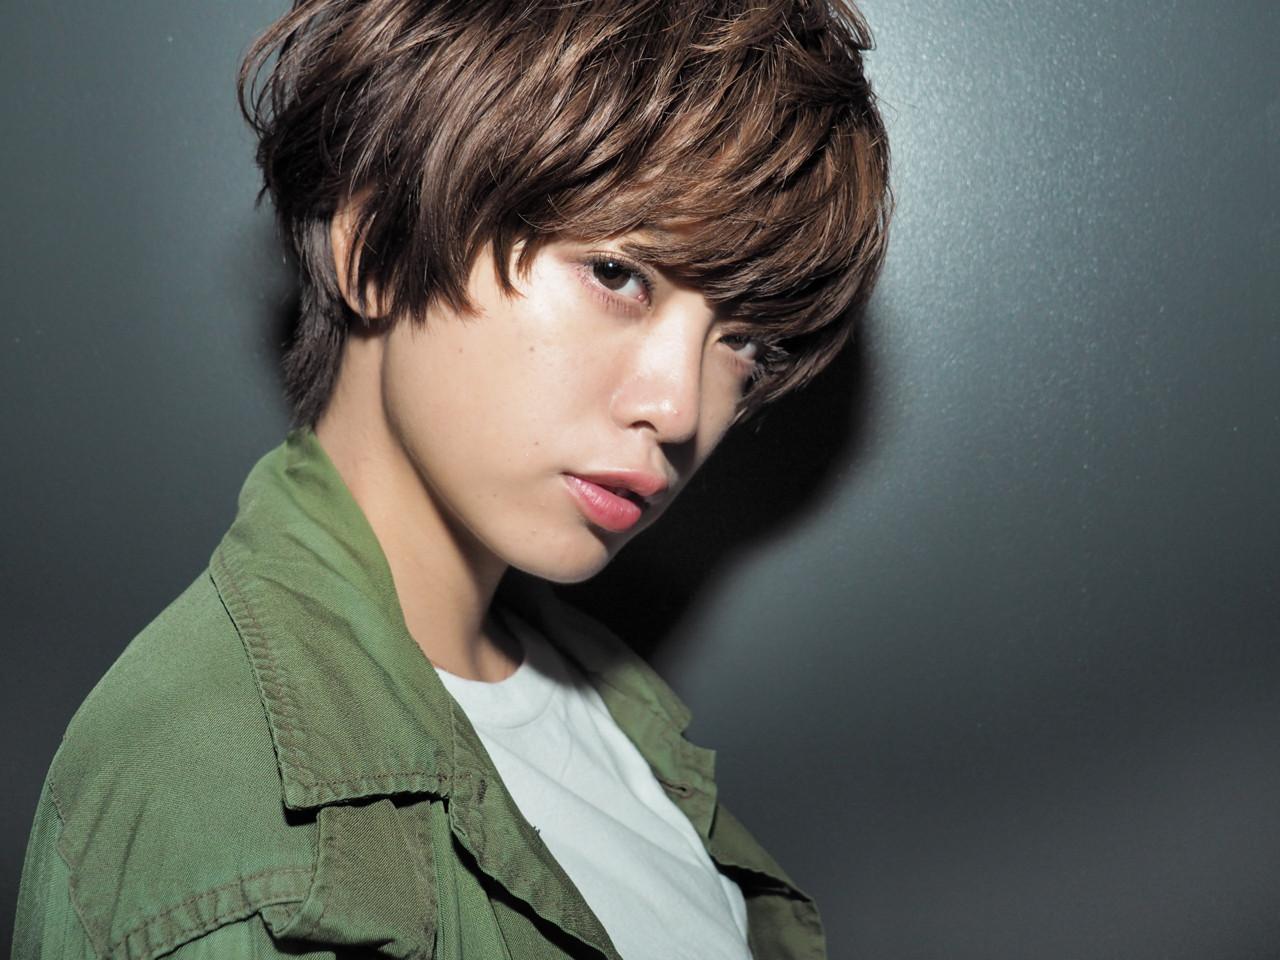 マッシュ ショート 小顔 ストリート ヘアスタイルや髪型の写真・画像 | Keiichi Suzuki/鈴木圭一 / CALVINA&LOWE